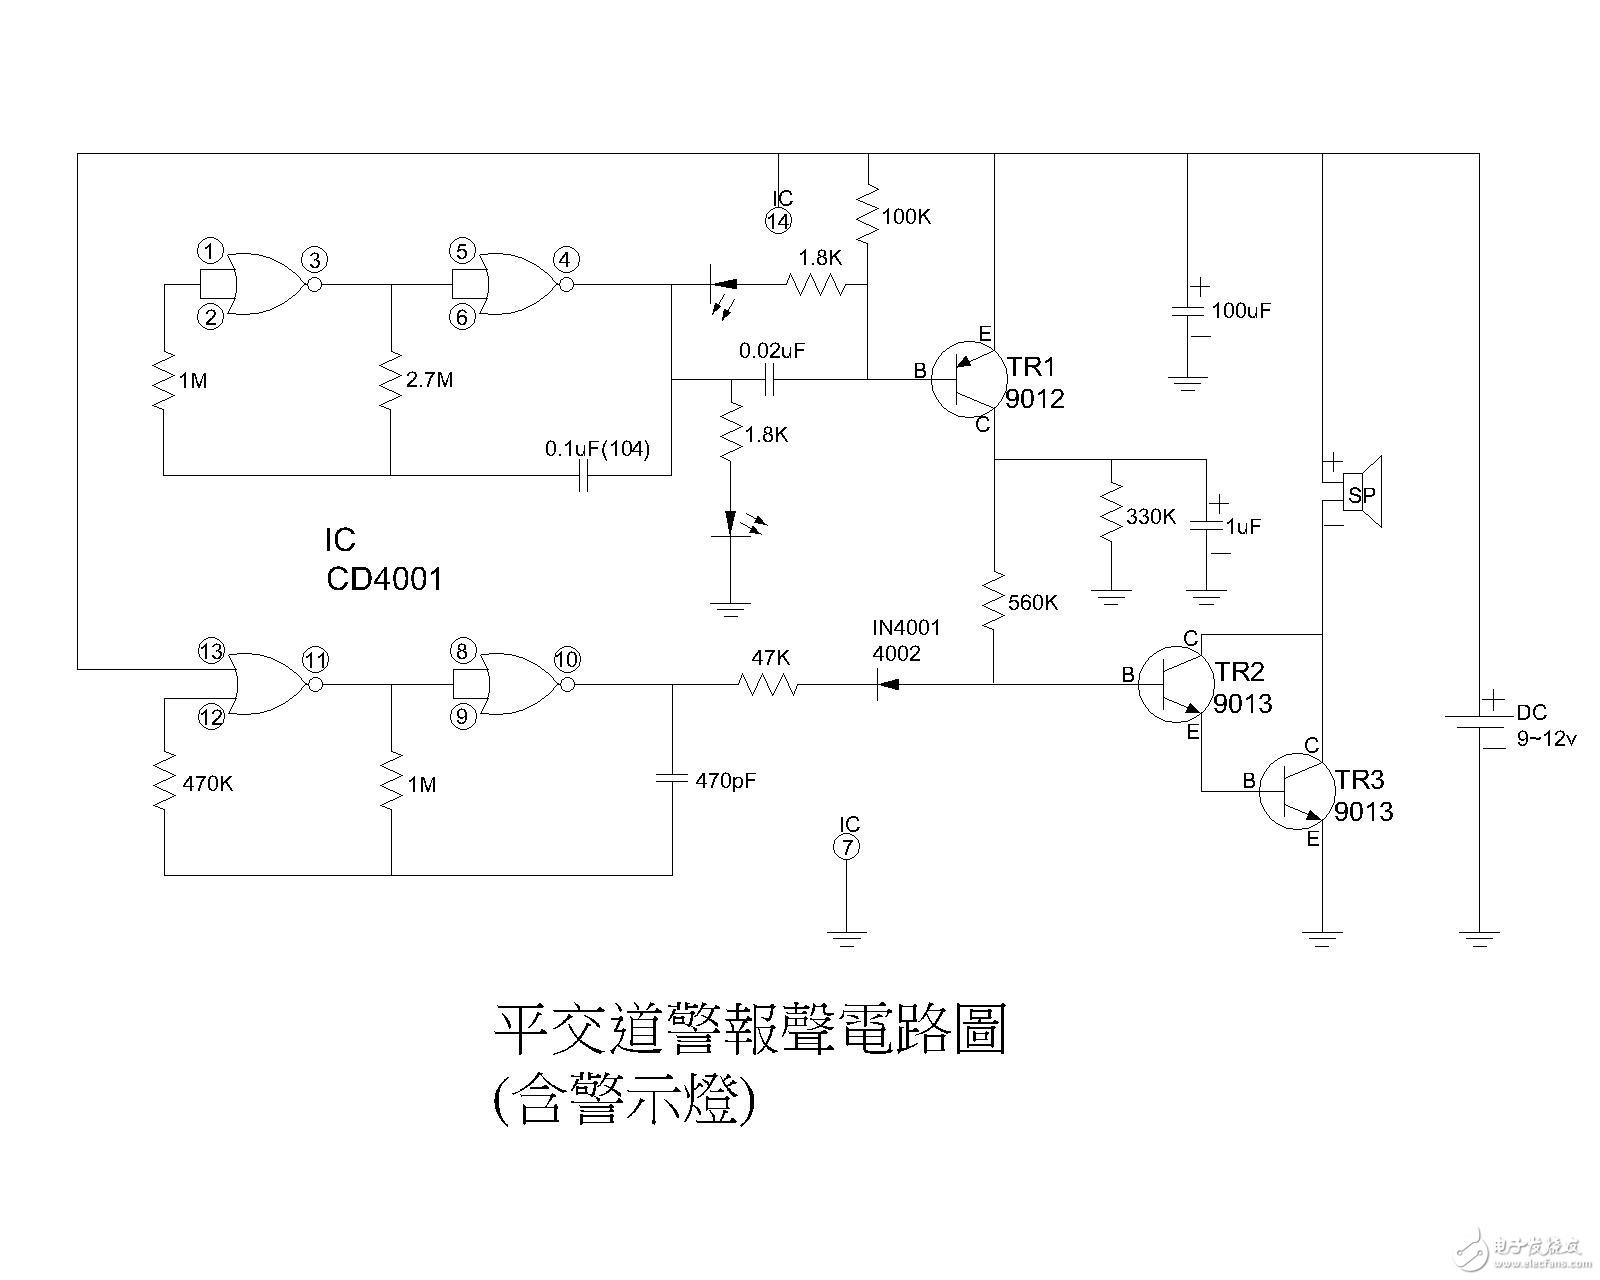 TR3三極管發燙及LED閃爍速度調慢問題